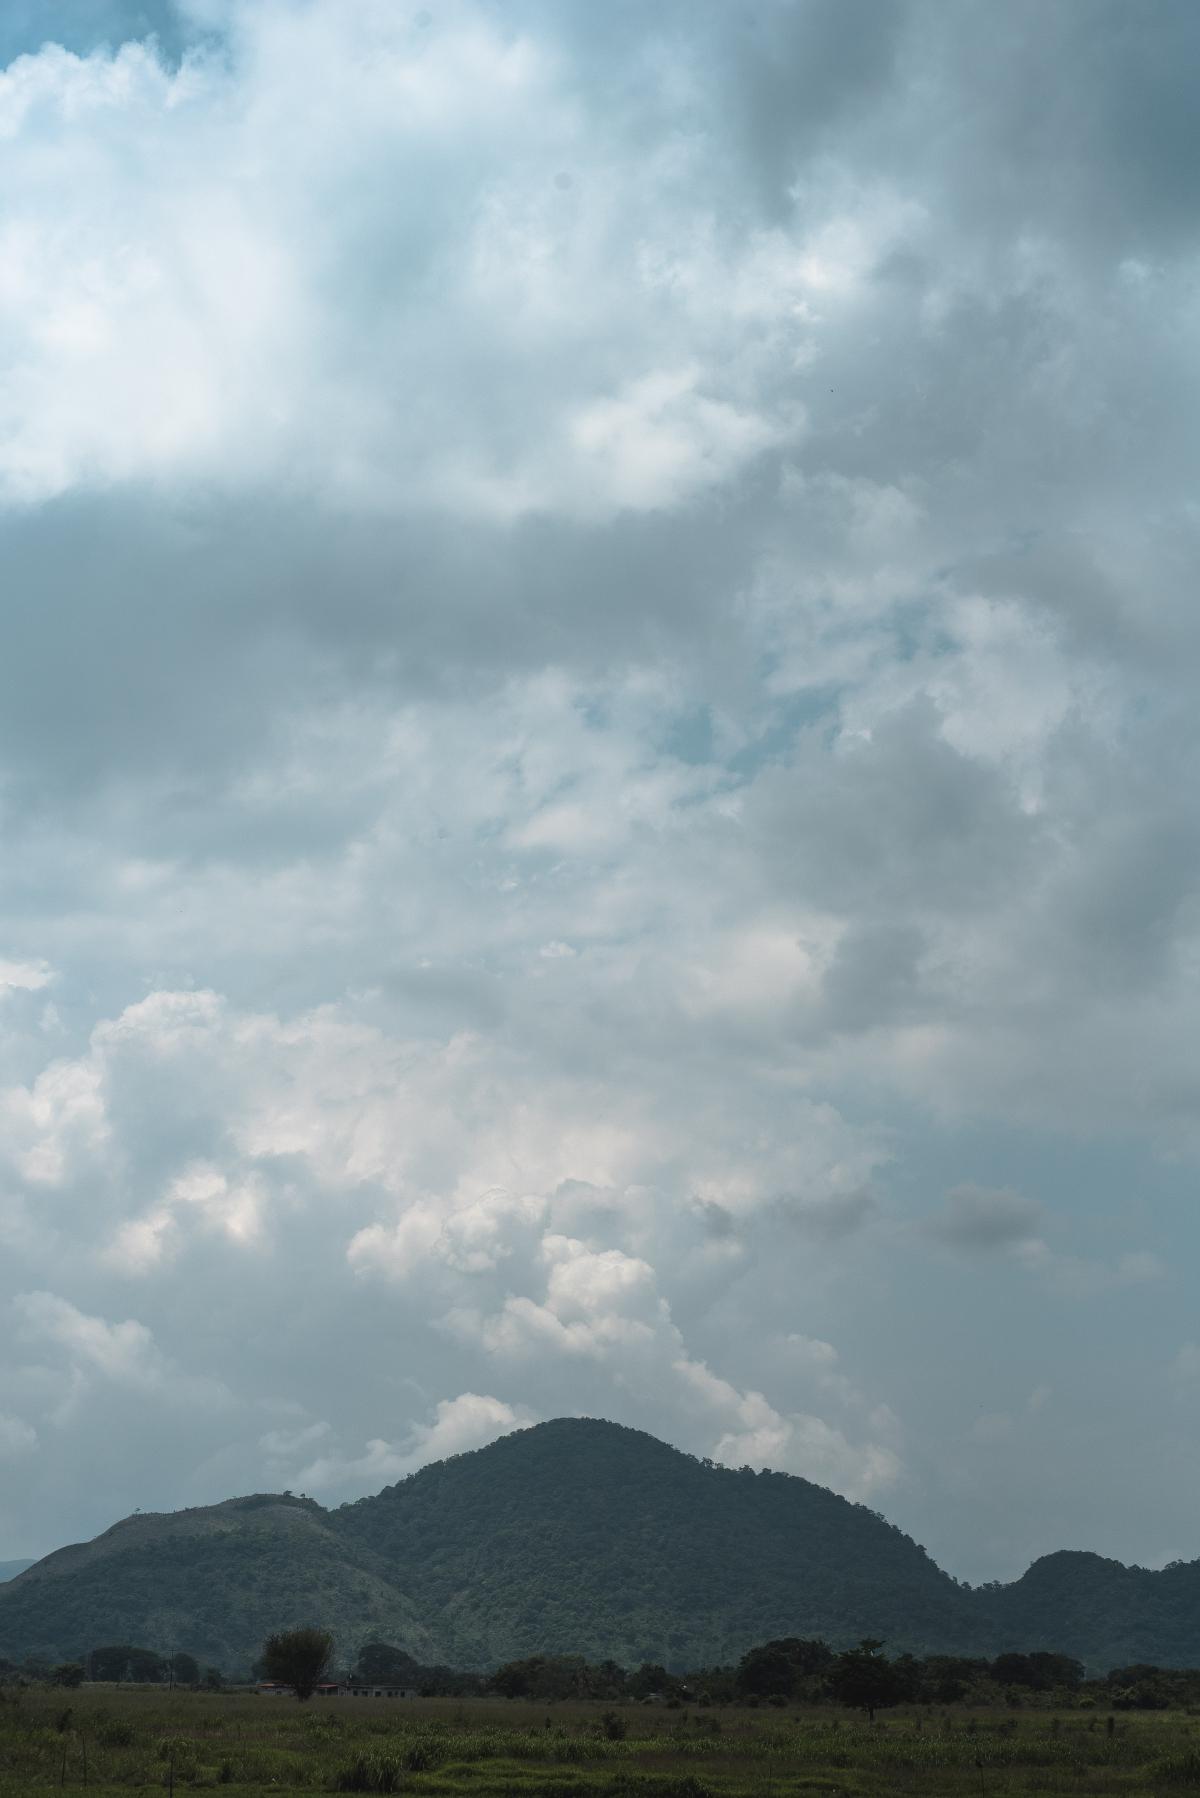 Cerro La Vieja is located in Lara State. (Marcelo Volpe)